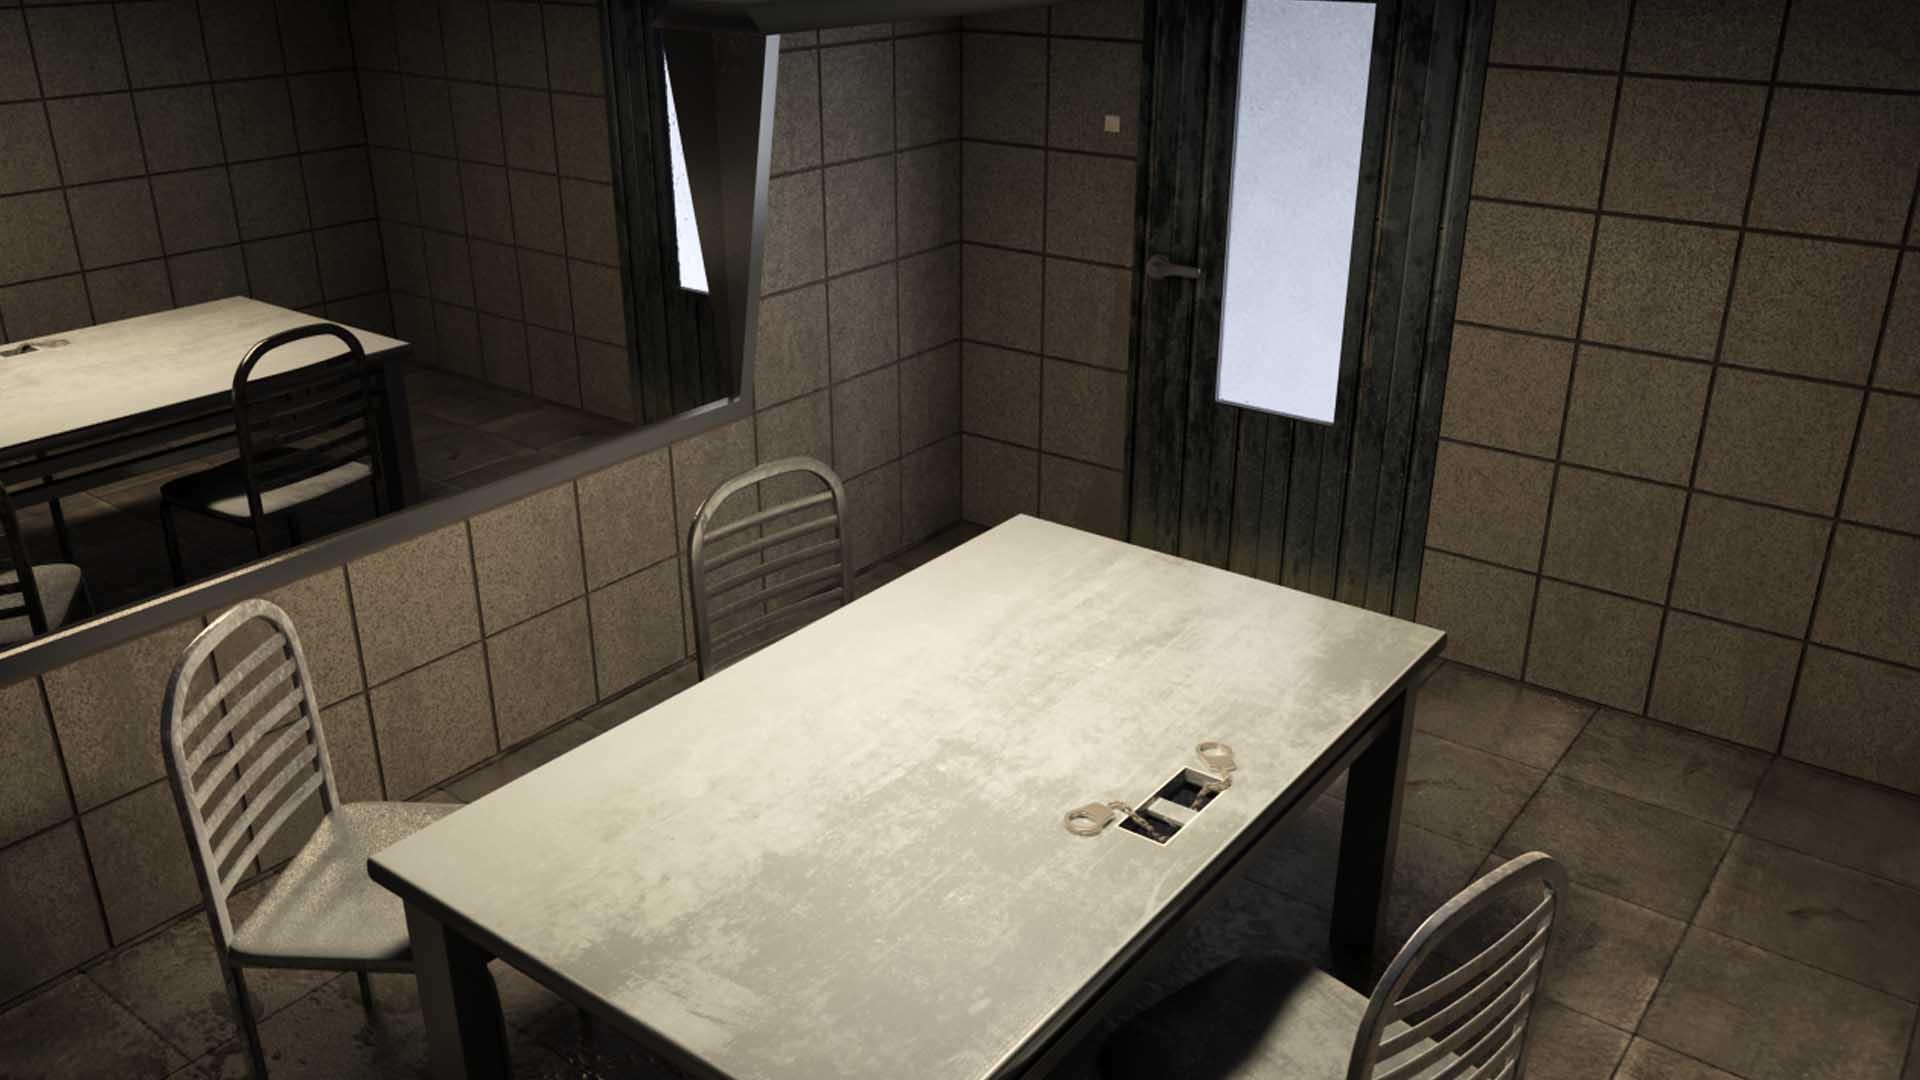 Il reato di tortura era necessario. Piacenza e Torino lo hanno dimostrato